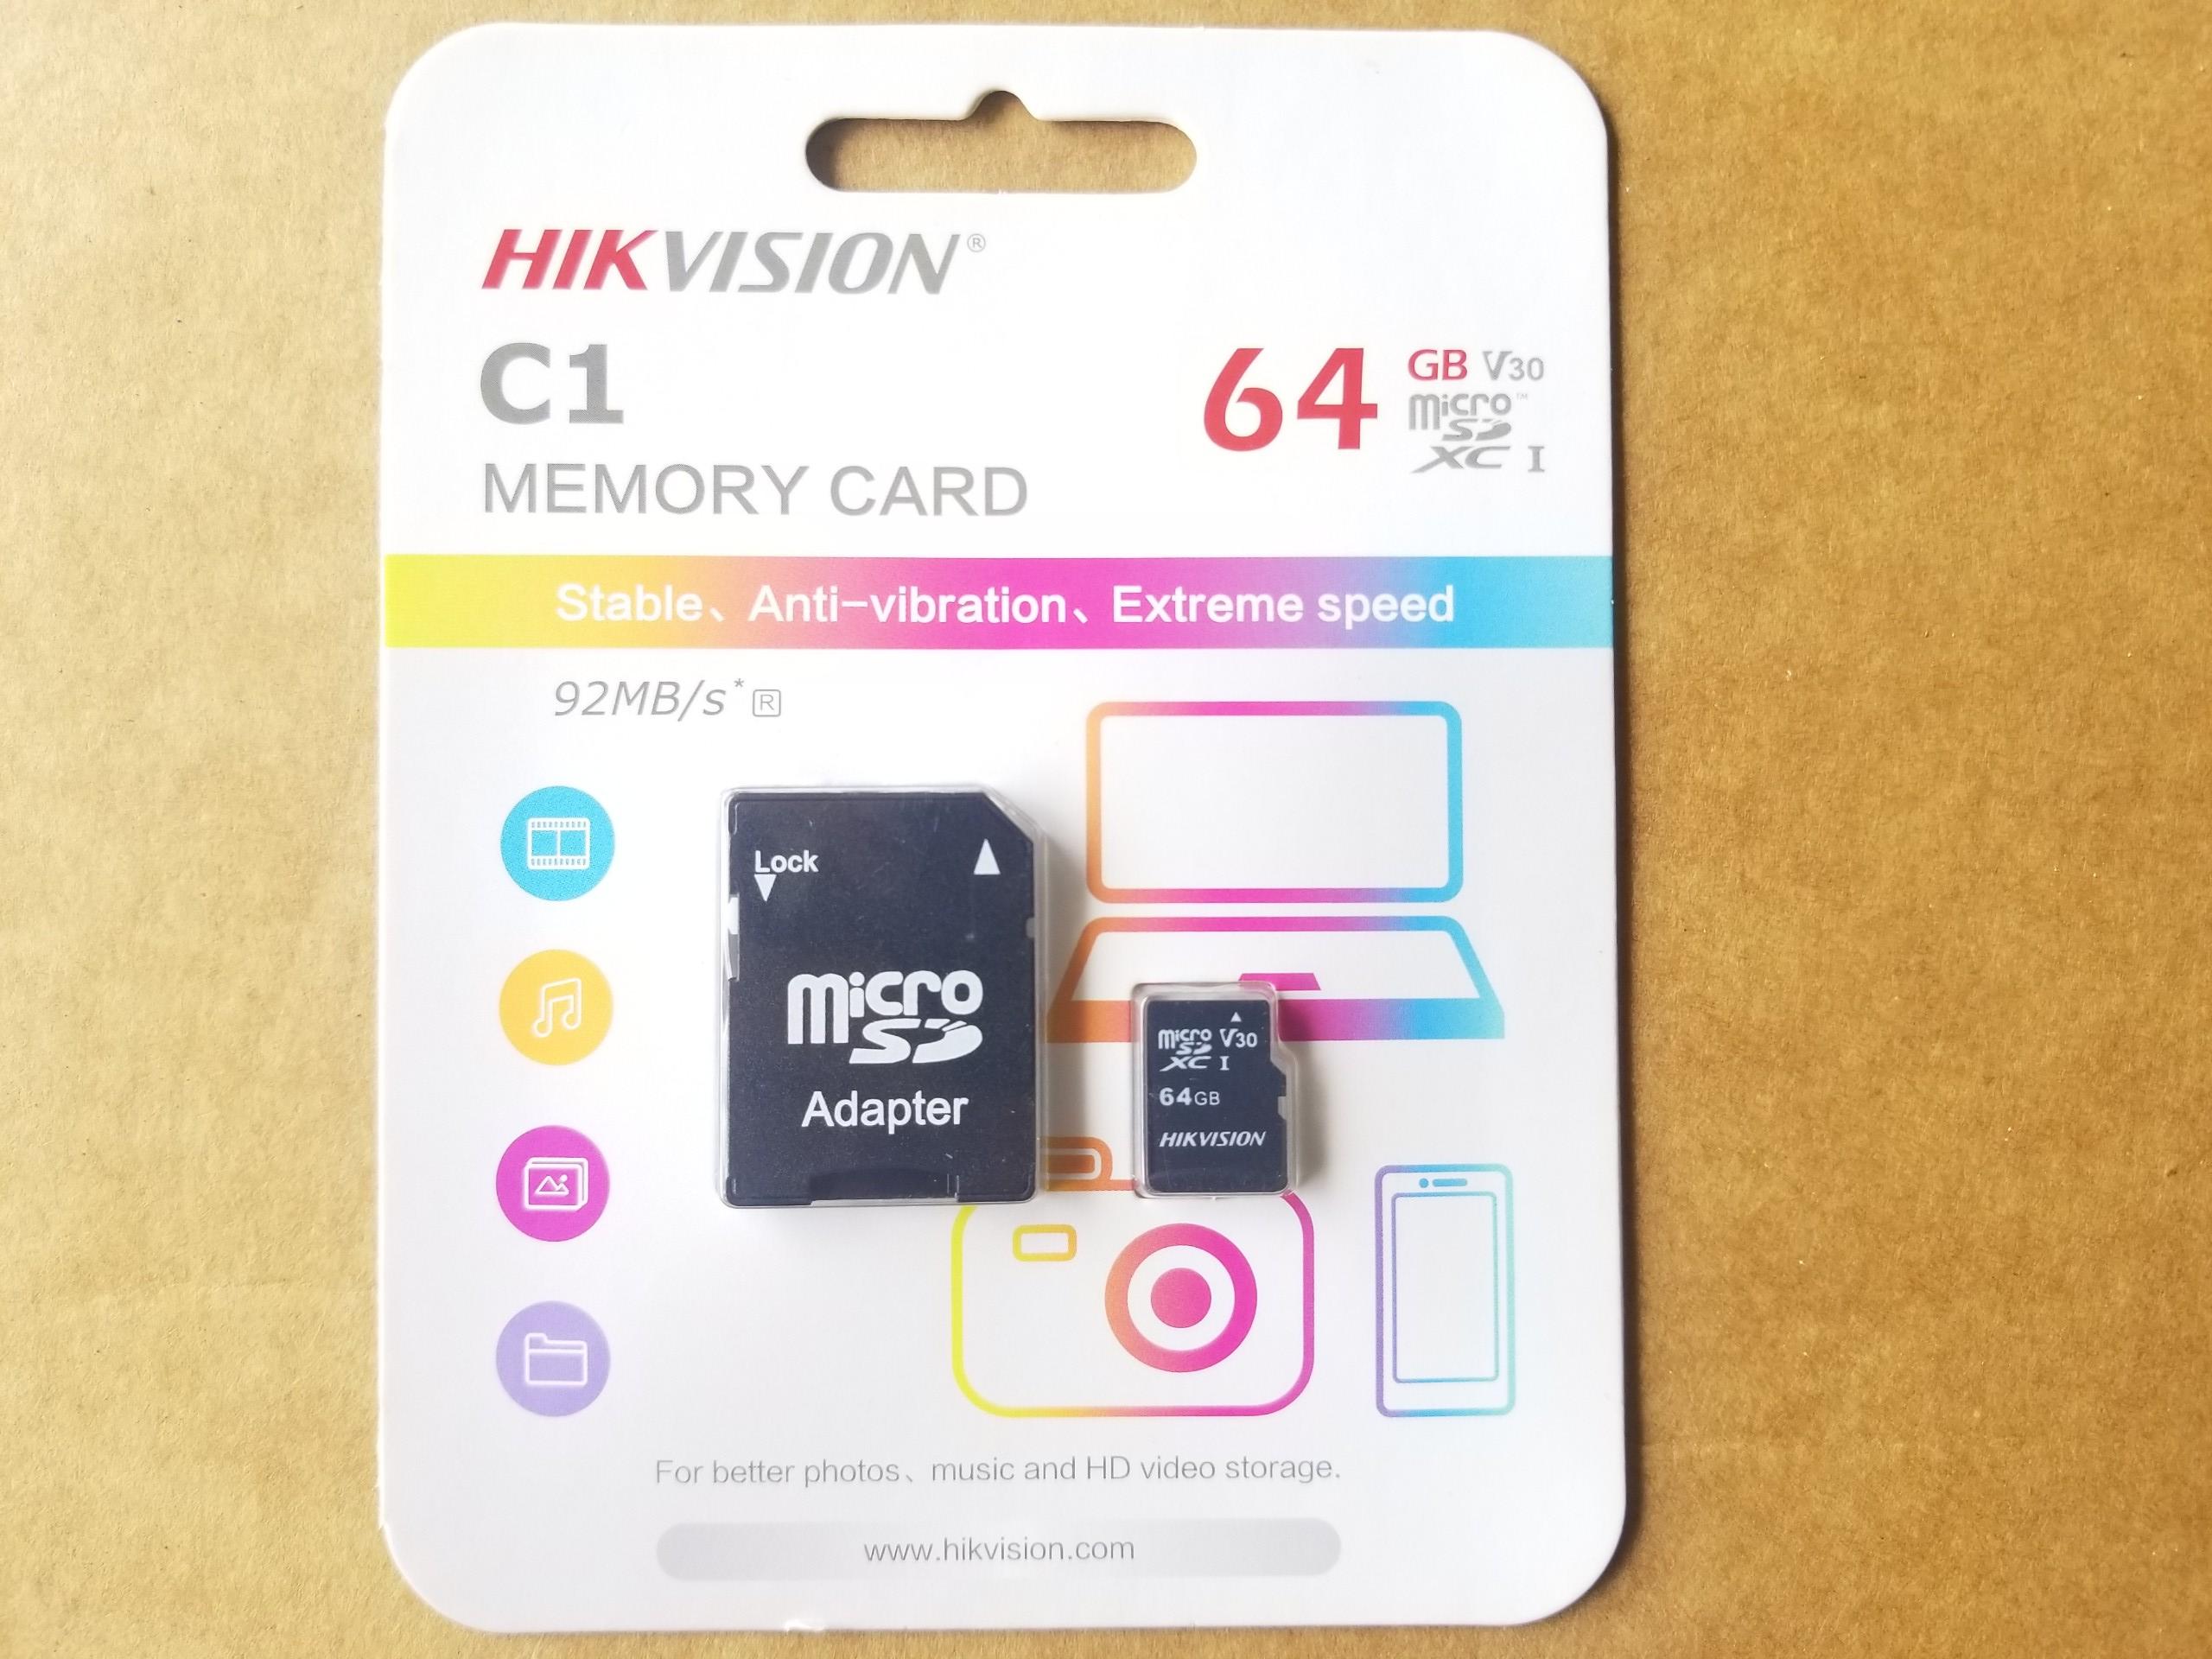 Thẻ Nhớ Micro SD 64G Hikvision C1 - Class 10 - Thẻ Nhớ Dành Cho Điện Thoại / Máy Ảnh / Camera - Hàng Chính Hãng